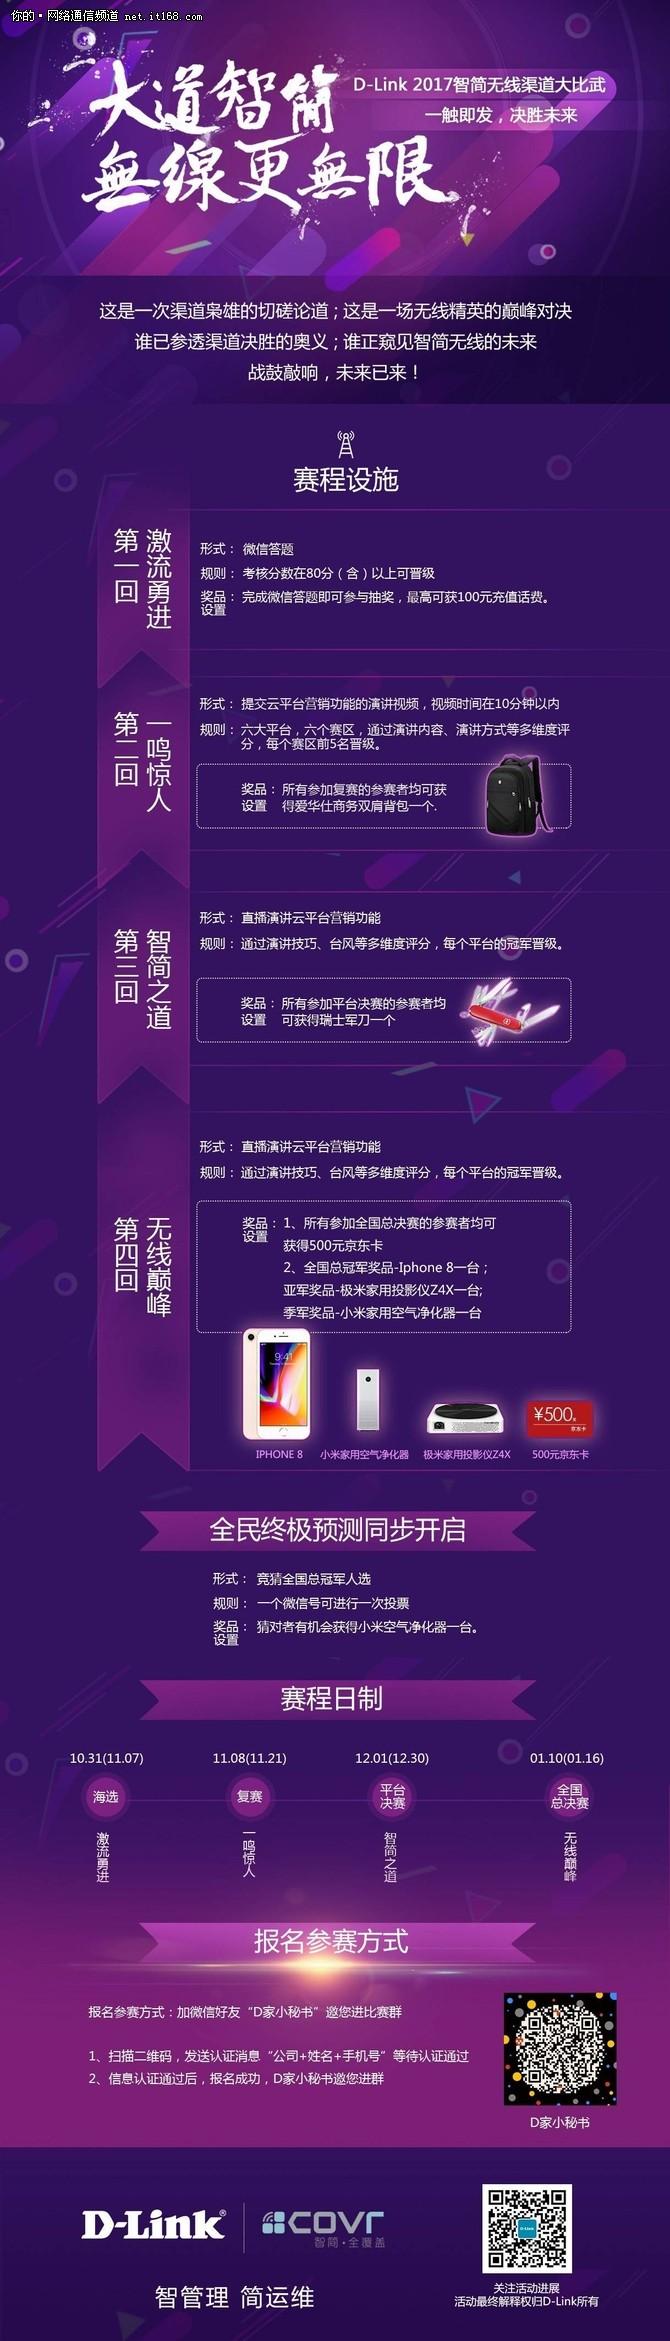 D-Link 2017智简无线渠道大比武开拔